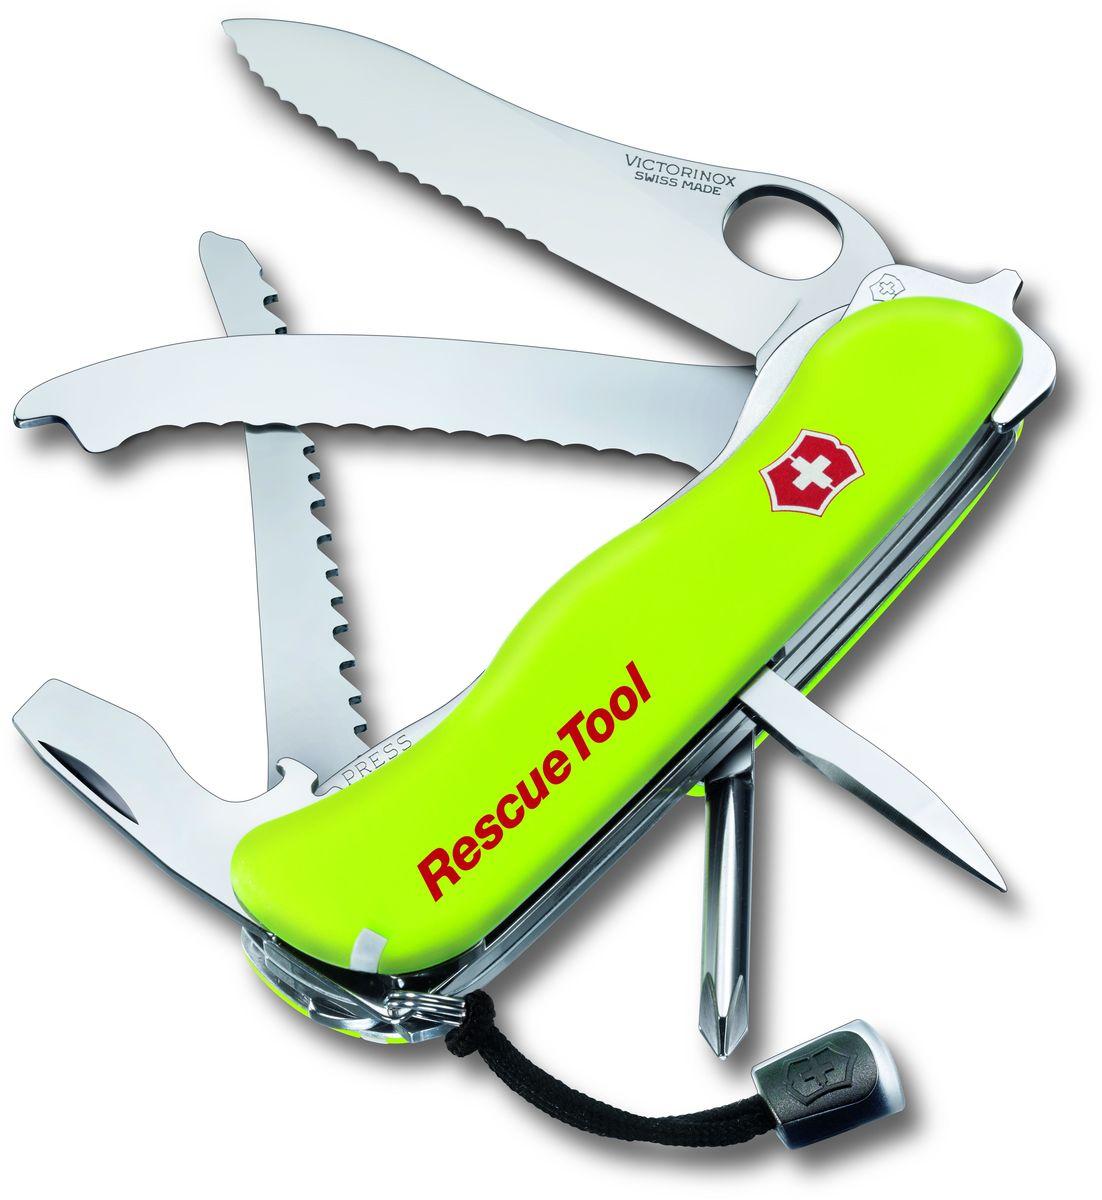 Нож перочинный Victorinox Rescue Tool, 14 функций, цвет: желтый, длина клинка 86 мм0.8623.MWNМаленький красный карманный нож с эмблемой креста на щите на рукояти — самый узнаваемый символ компании Victorinox.В 1897 году основатель компани Карл Эльзенер разработал первый «Швейцарский армейский нож».Более 130 лет компания Victorinox разрабатывает продукты,которые не просто уникальны по дизайну и качеству,но и способны стать верными спутниками по жизни как для великих,так и для небольших приключений. VICTORINOX арт. 0.8623.MWN Перочинный нож RESCUE TOOL имеет 14 функций: 1. Фиксирующееся лезвие с петлёй для открывания одной рукой и серейторной заточкой на 2/3 клинка 2. Крестовая отвёртка 3. Инструмент для боя стекла 4. Фиксирующаяся открывалка для бутылок с: 5. – Отвёрткой / фомкой 6. – Инструментом для снятия изоляции 7. Шило, кернер 8. Стропорез 9. Кольцо для ключей 10. Пинцет 11. Зубочистка 12. Дисковая пила для небьющегося стекла 13. Люминесцентная рукоять 14. Шнурок на руку Цвет рукояти: жёлтый В комплекте: нейлоновый чехол Рекомендуемые аксессуары: Инструмент для заточки:...